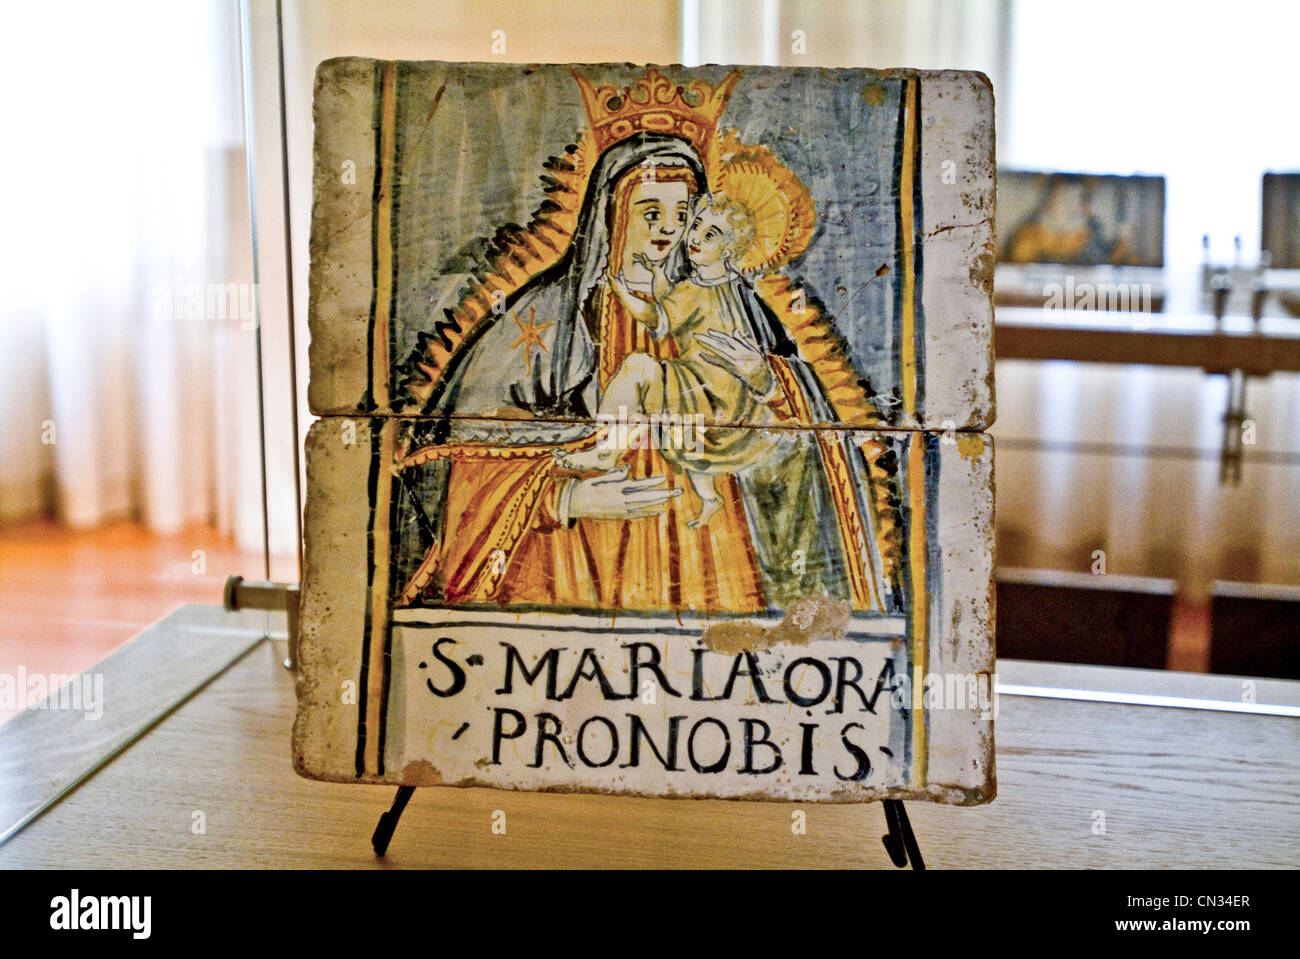 Italia Abruzzo Provincia di Teramo Castelli Museo Ceramica piastrella raffigurante la Madonna con bambino Immagini Stock